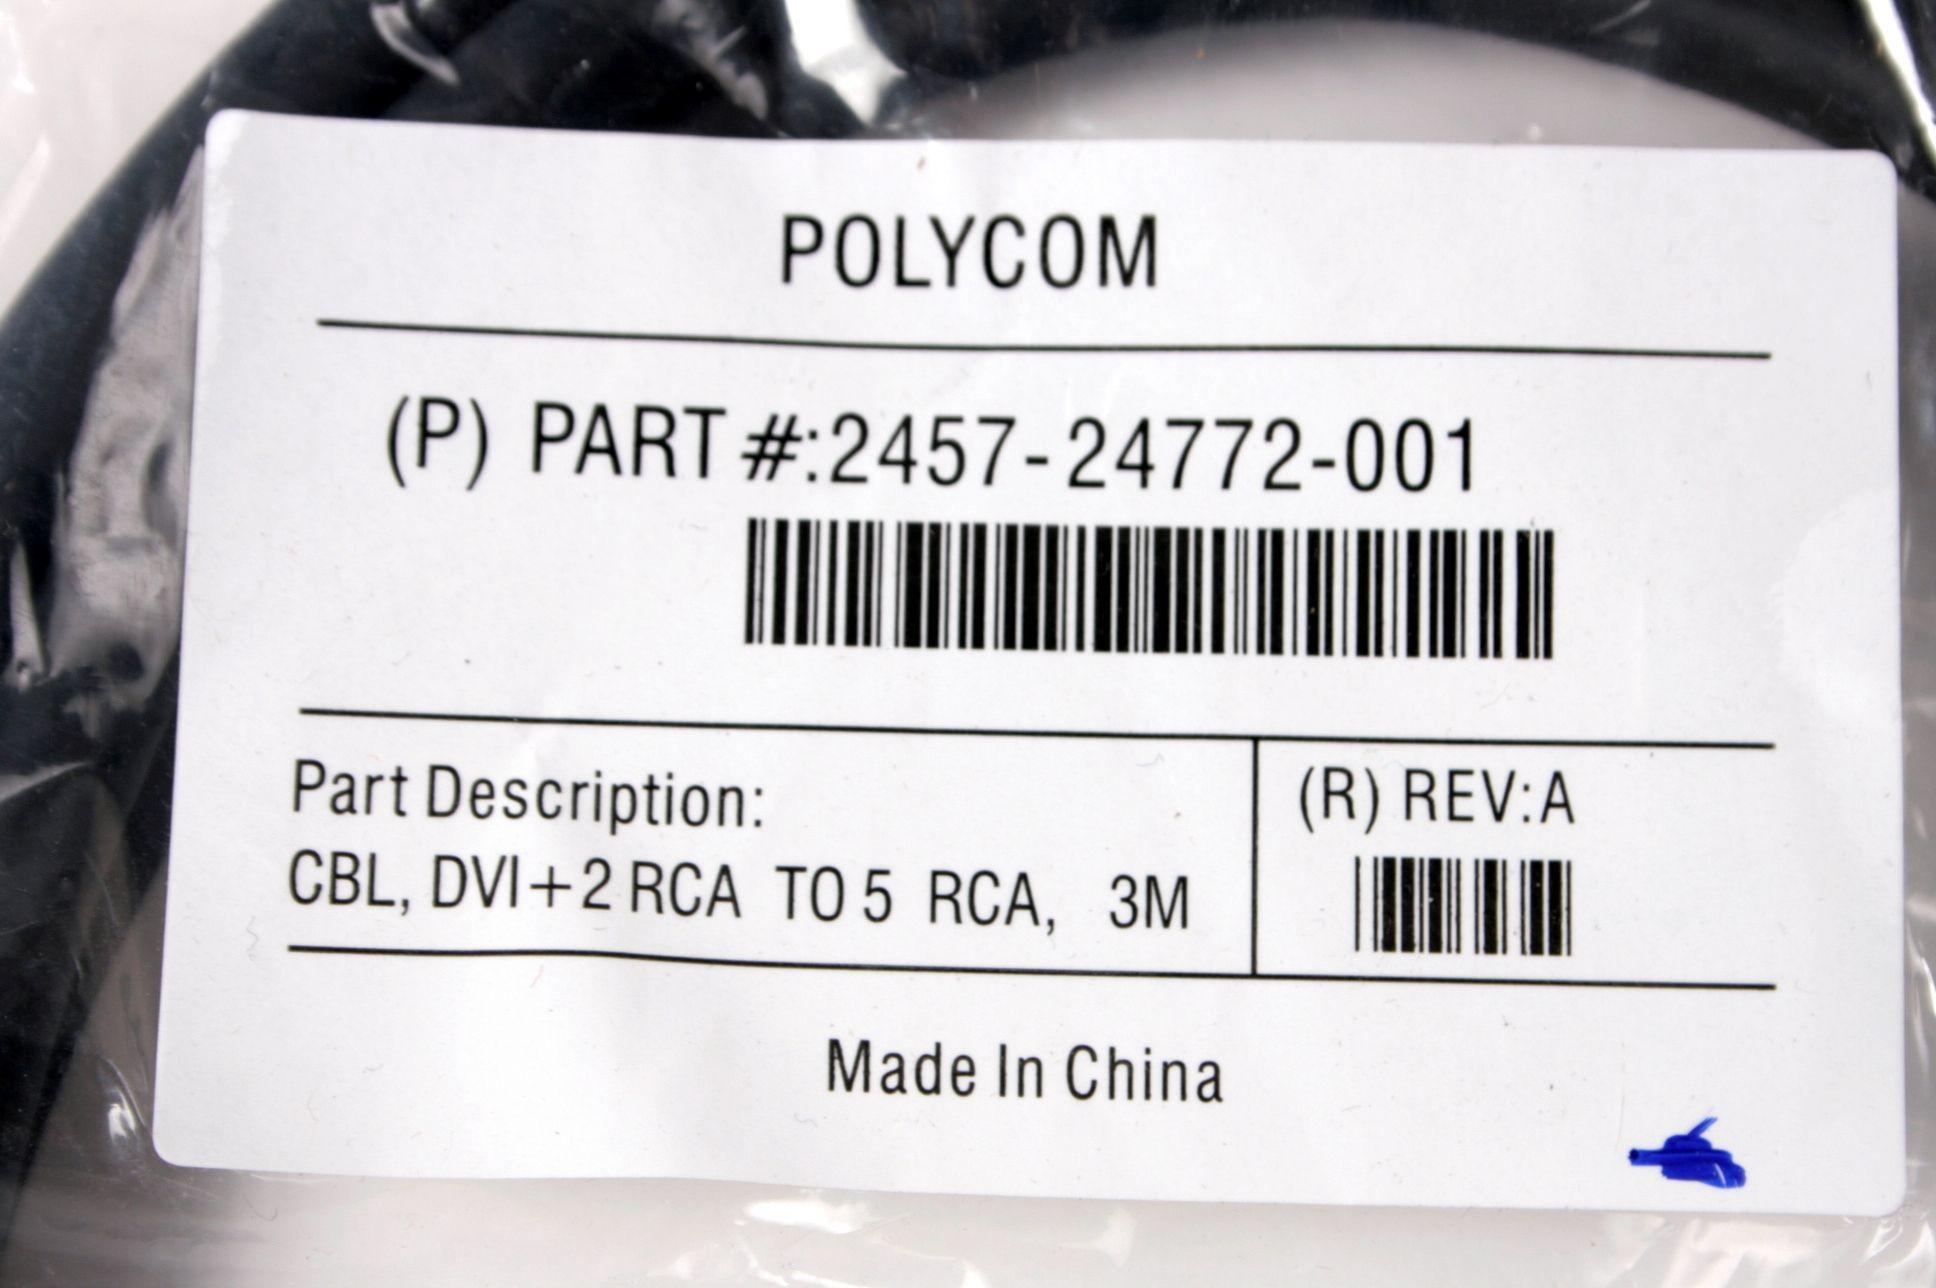 NEW Polycom Cable Camera 2457-24772-001 CBL DVI+2 RCA to 5 RCA Video HDX Powercam 9'